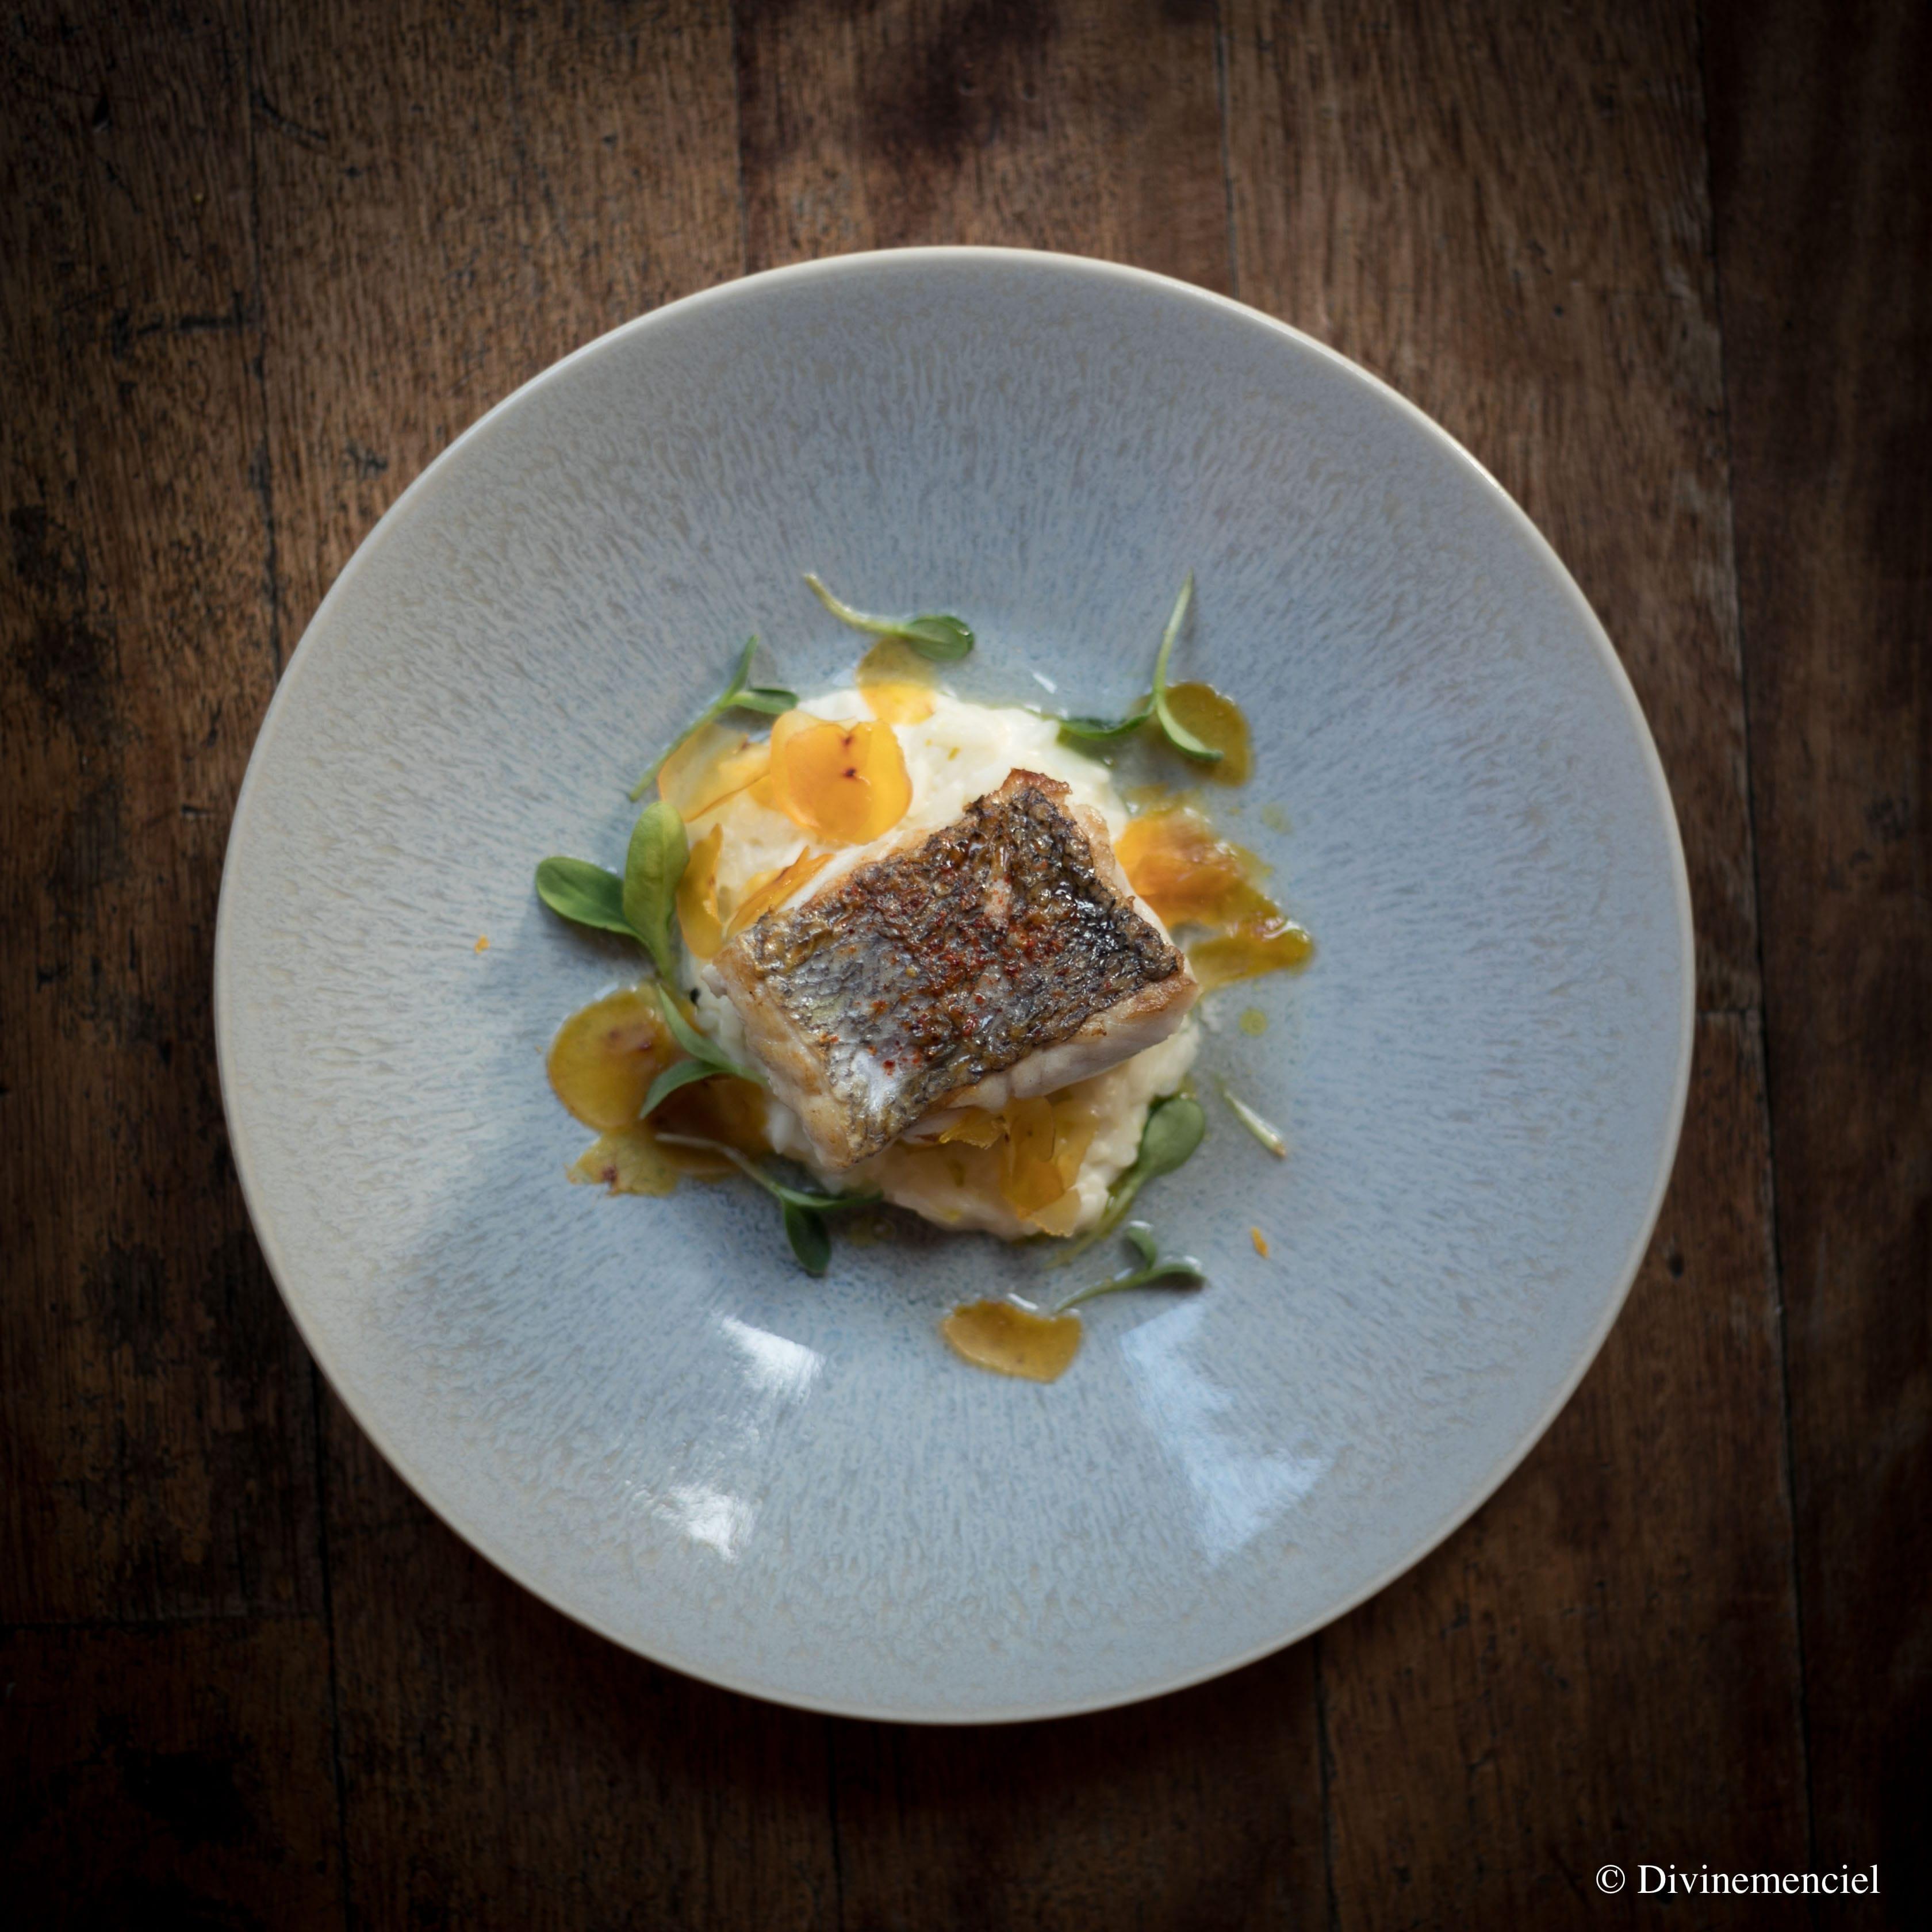 restaurant-gastronomique-lyon-letage-poisson